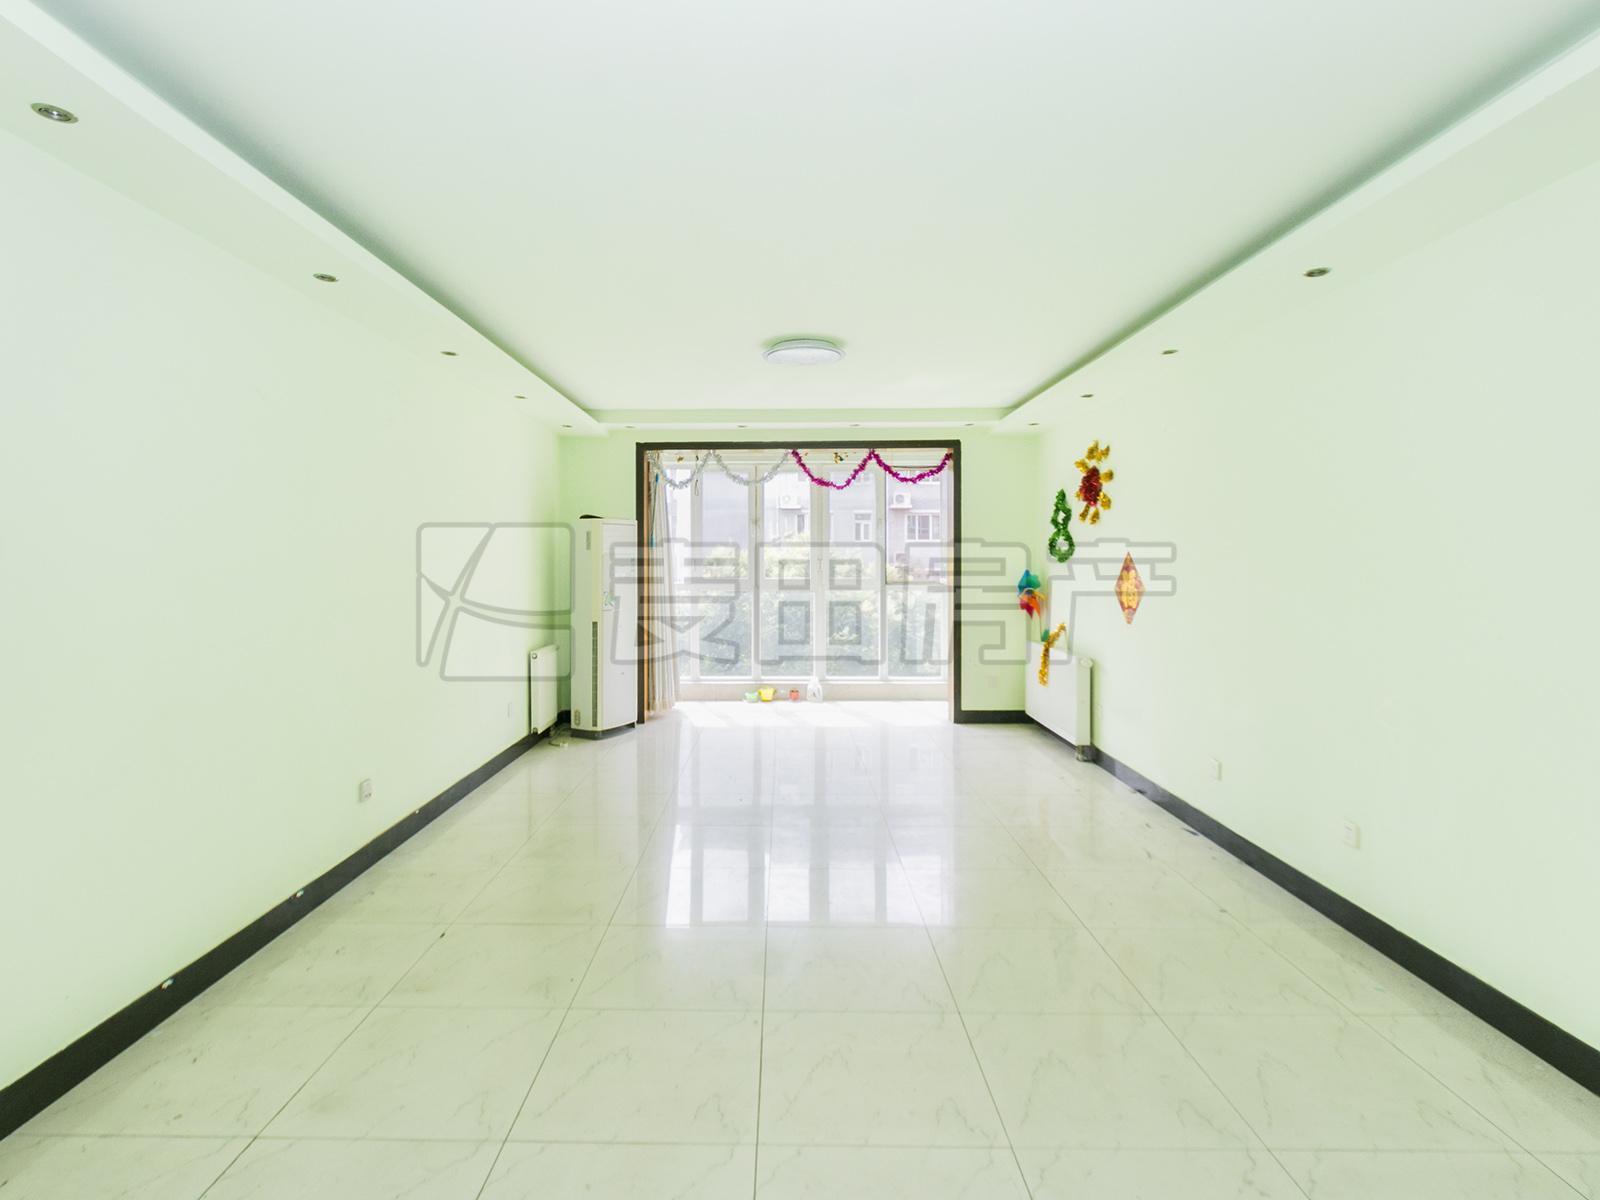 新怡家园,双主卧设计,中间楼层,位置安静,不临街,轻松改三居